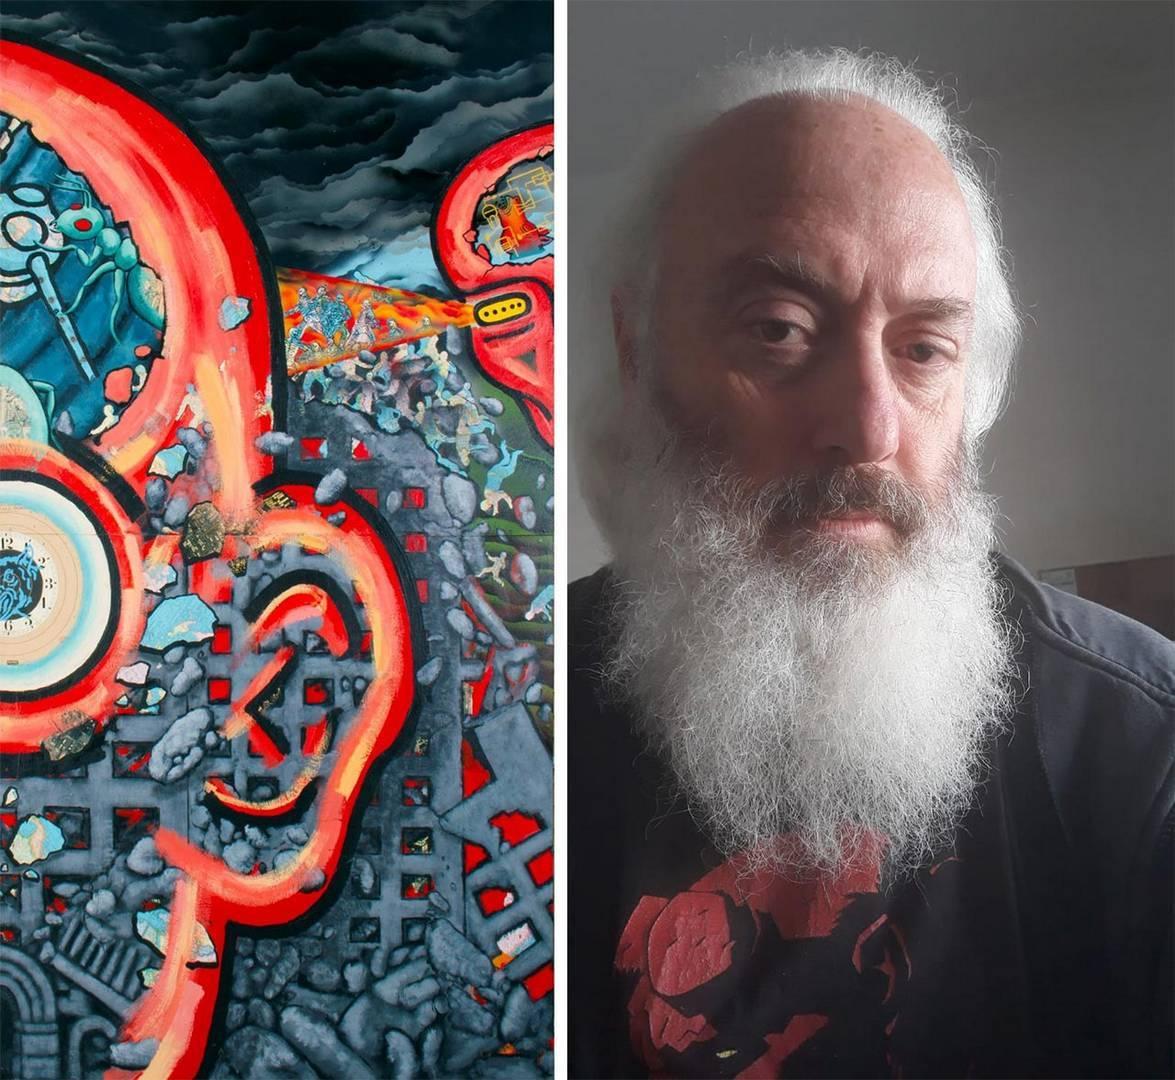 אורי דרומר לצד פרט מעבודתו של דוד ווינארוביץ, אוסף מוזיאון תל אביב